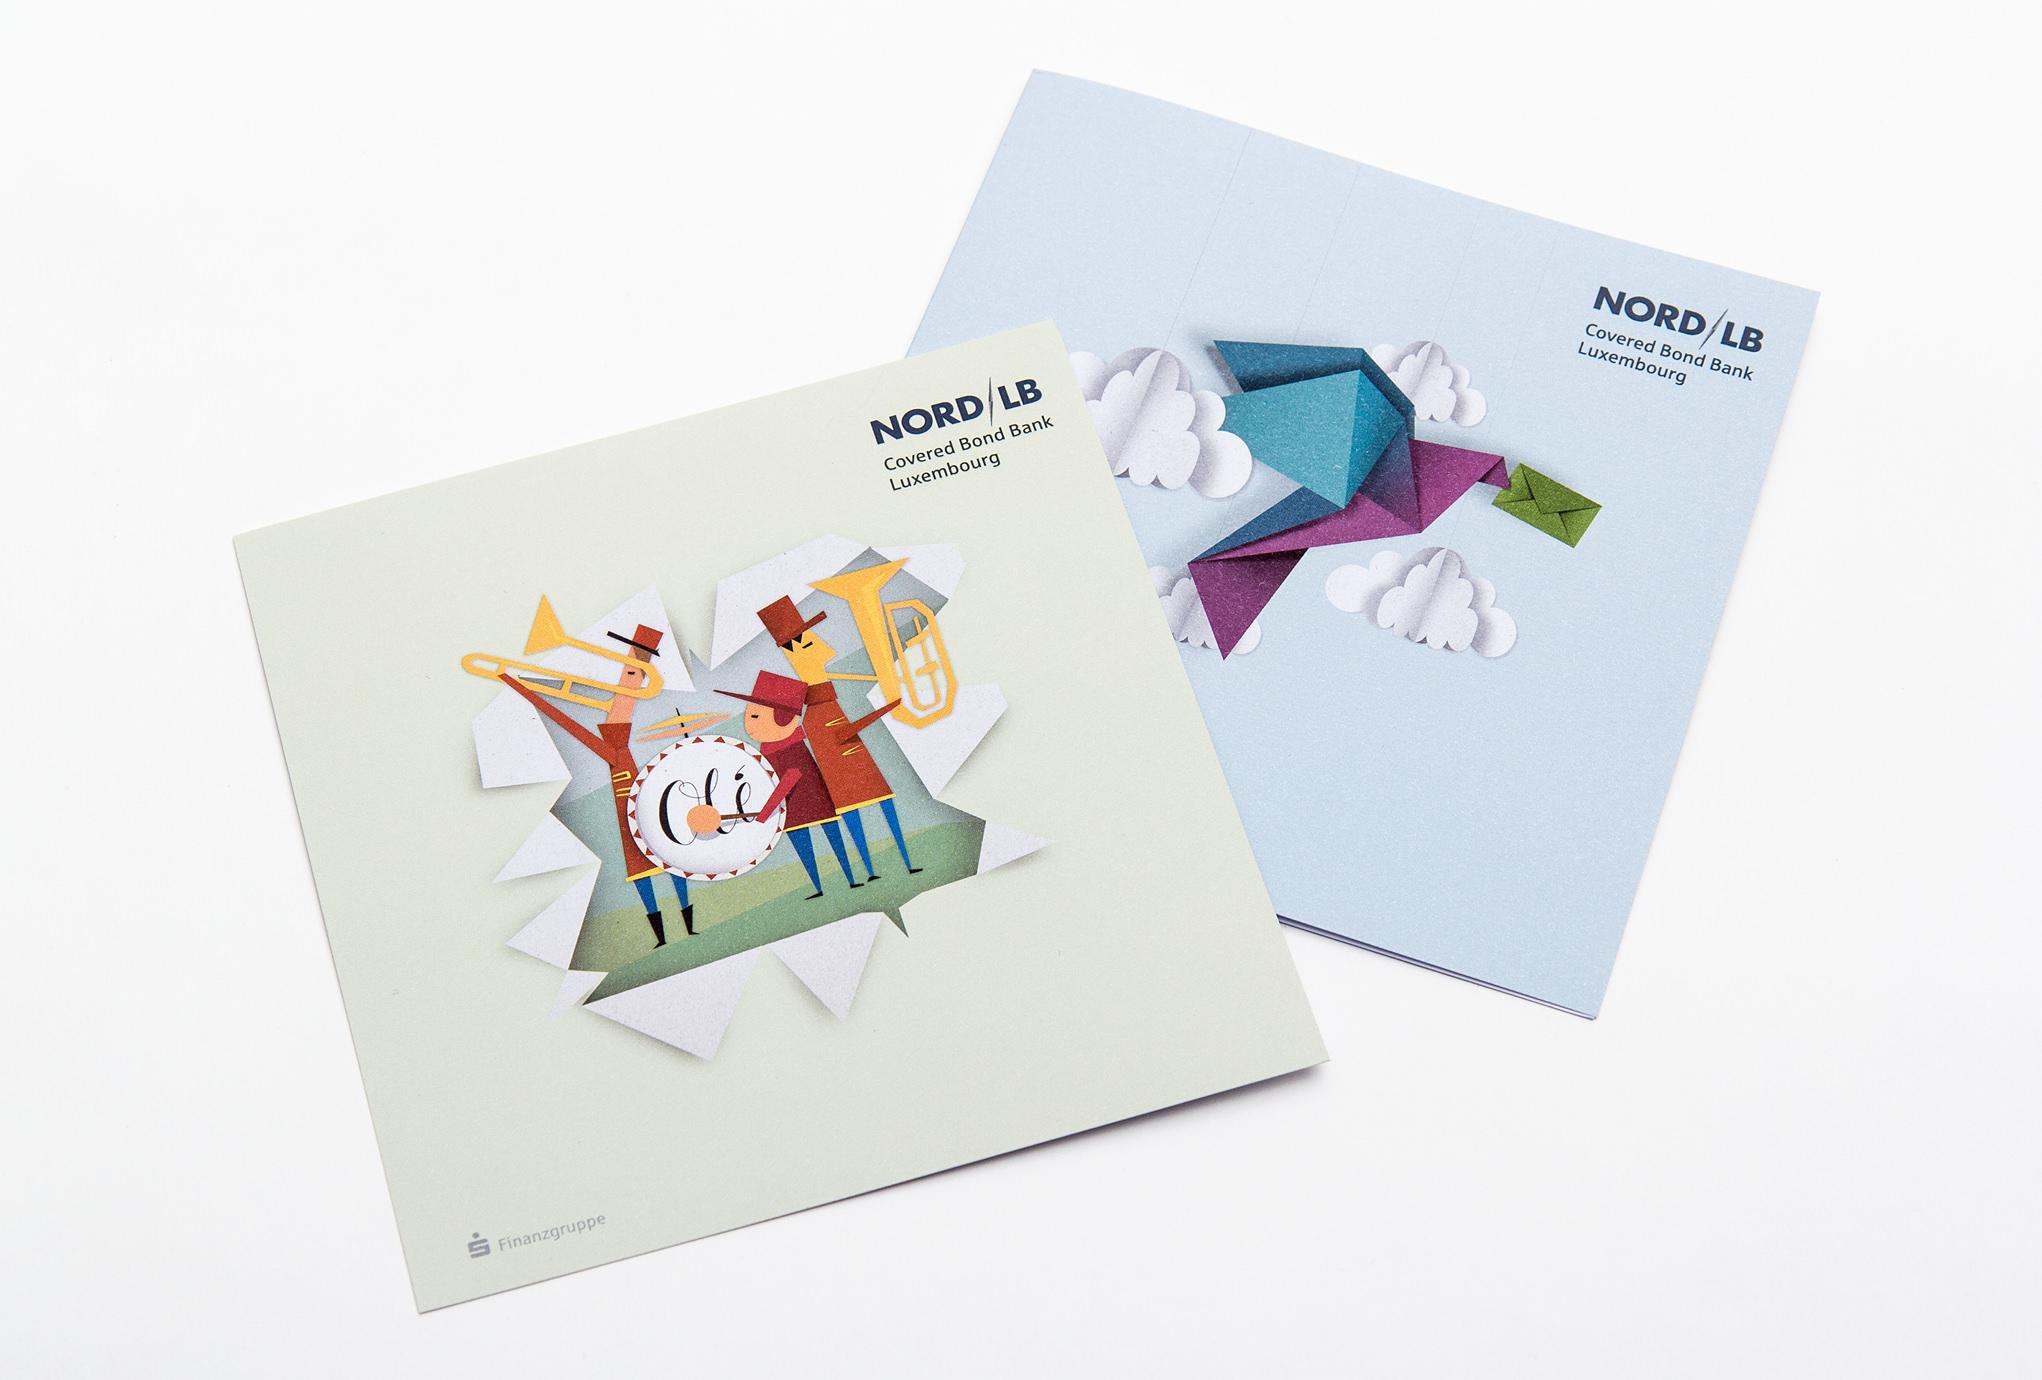 Illustrationen für die NORD/LB von den sons of ipanema, einer Werbeagentur aus Köln